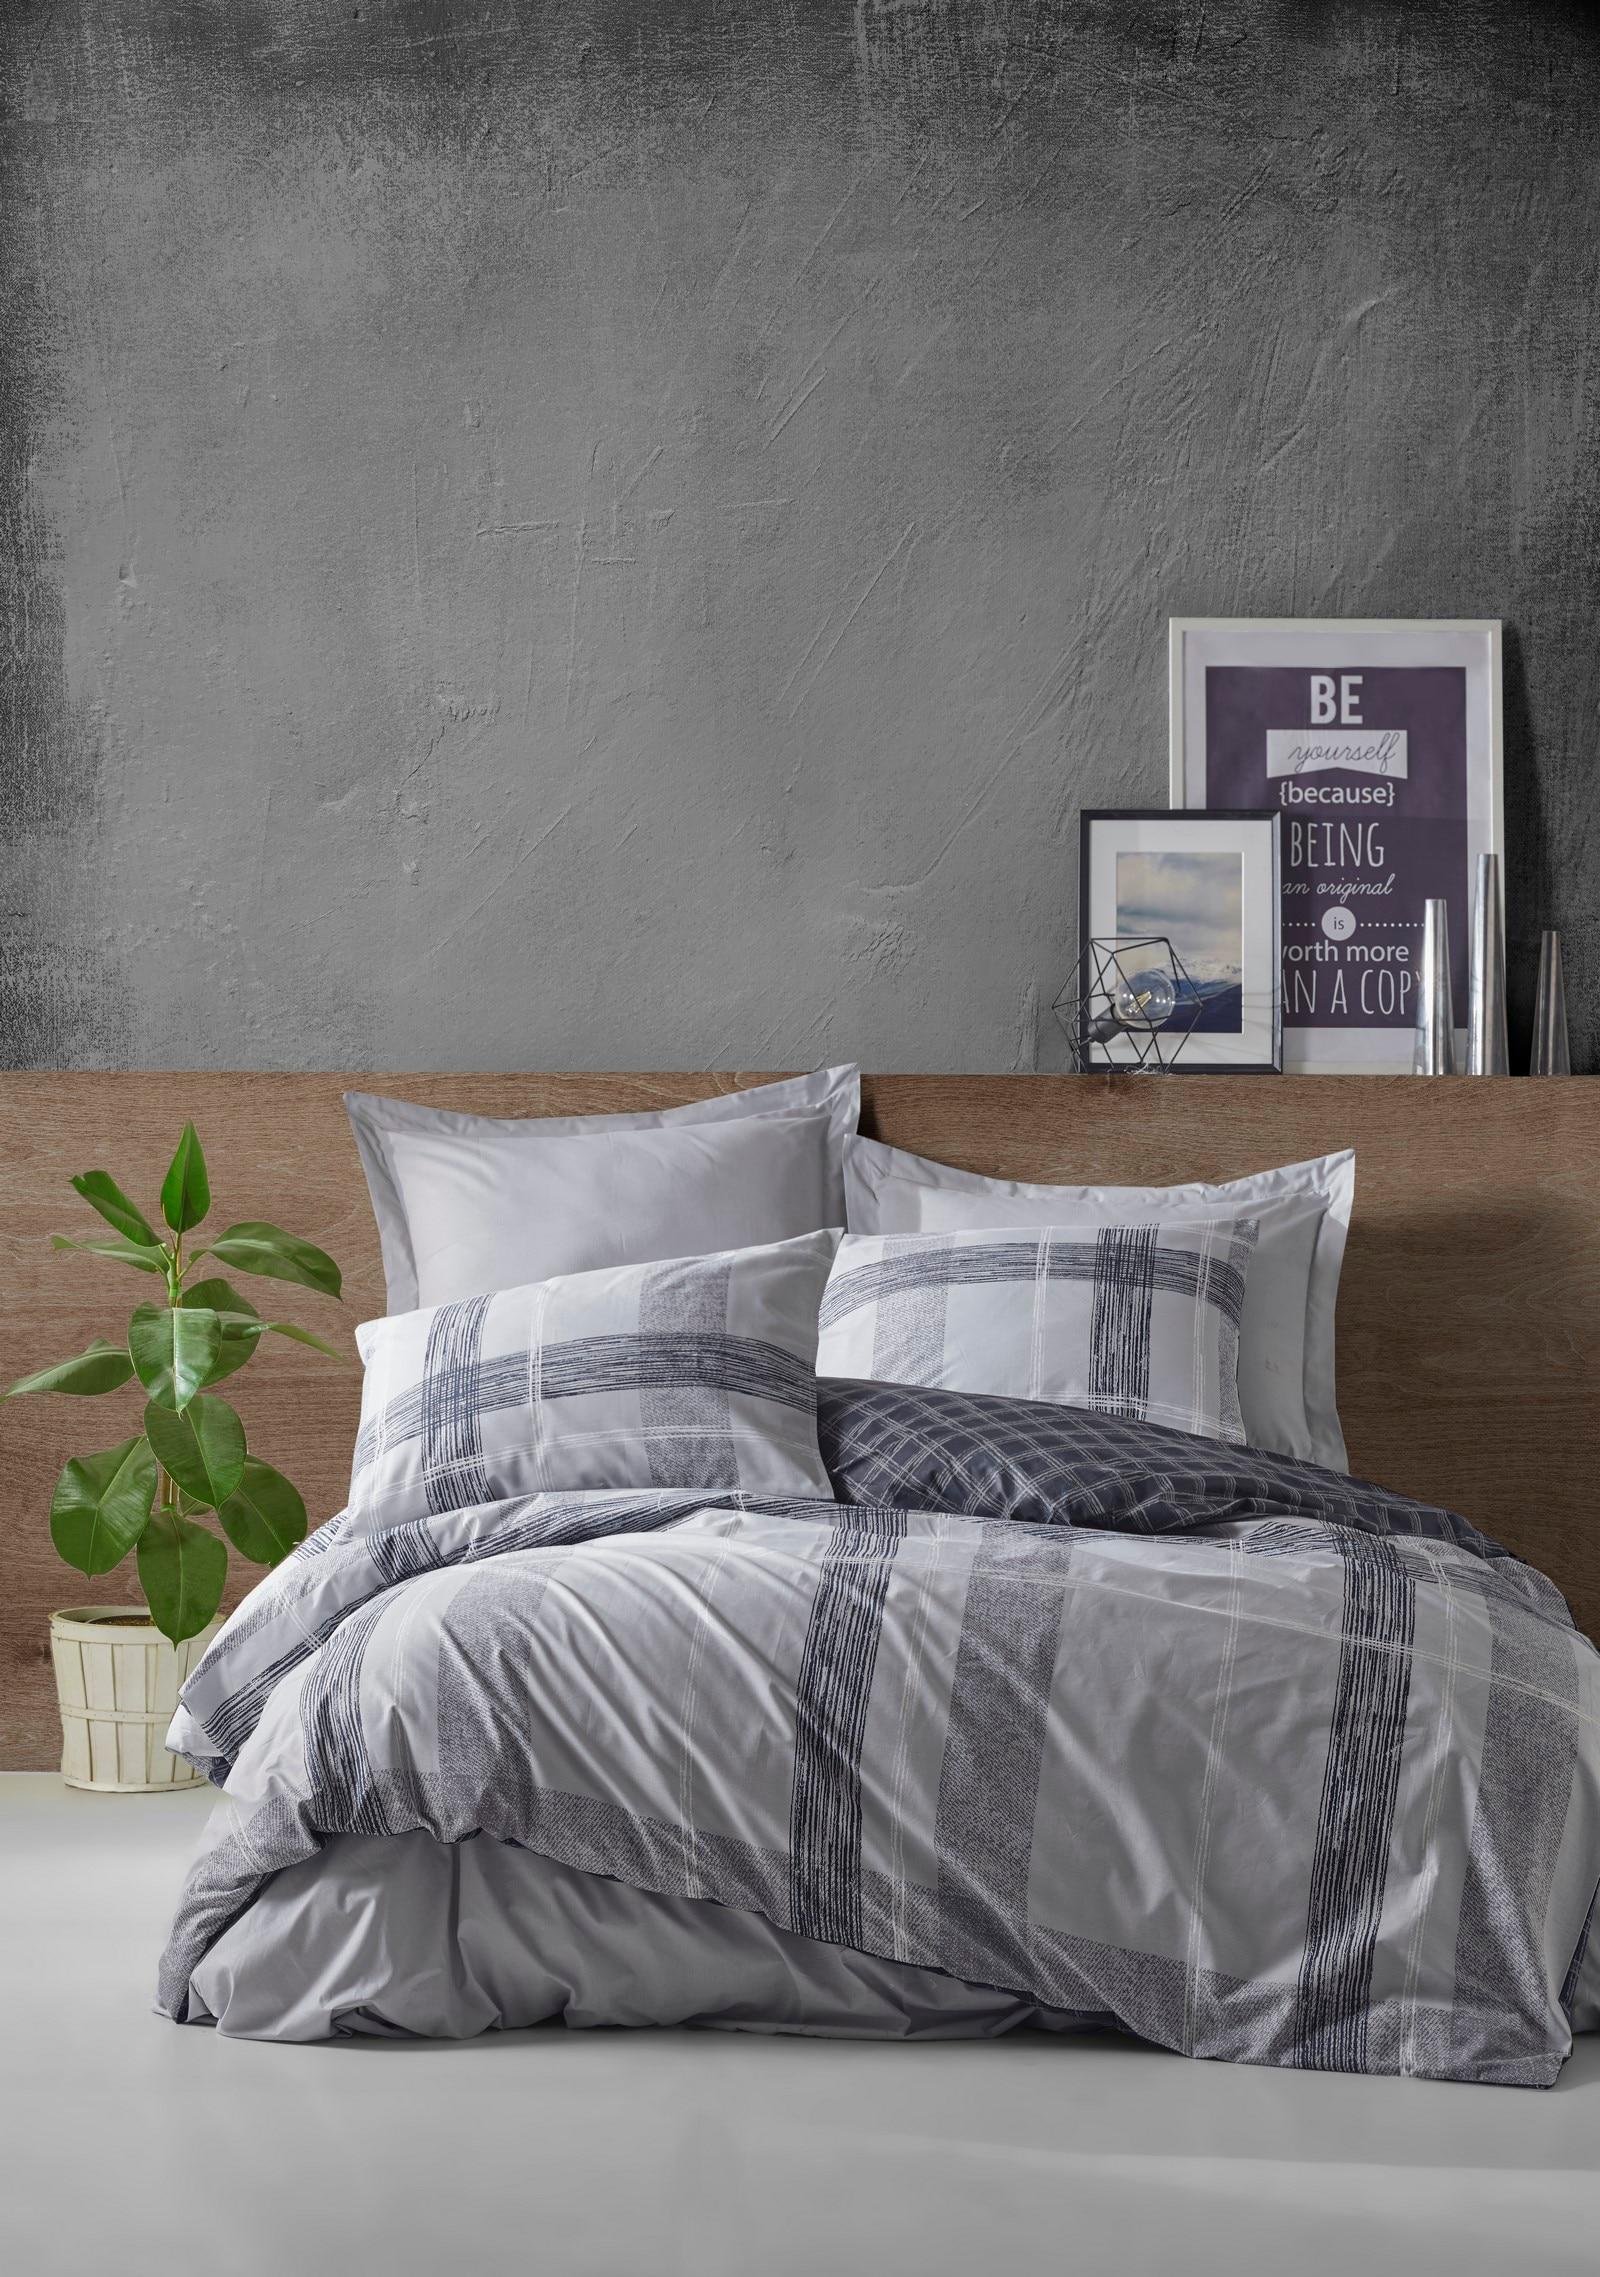 طقم أغطية سرير 100% قطن ، طقم سرير منزلي ، مفرش سرير ، غطاء لحاف ، ملاءة مسطحة ، غطاء وسادة ، تركيا ، بالجملة